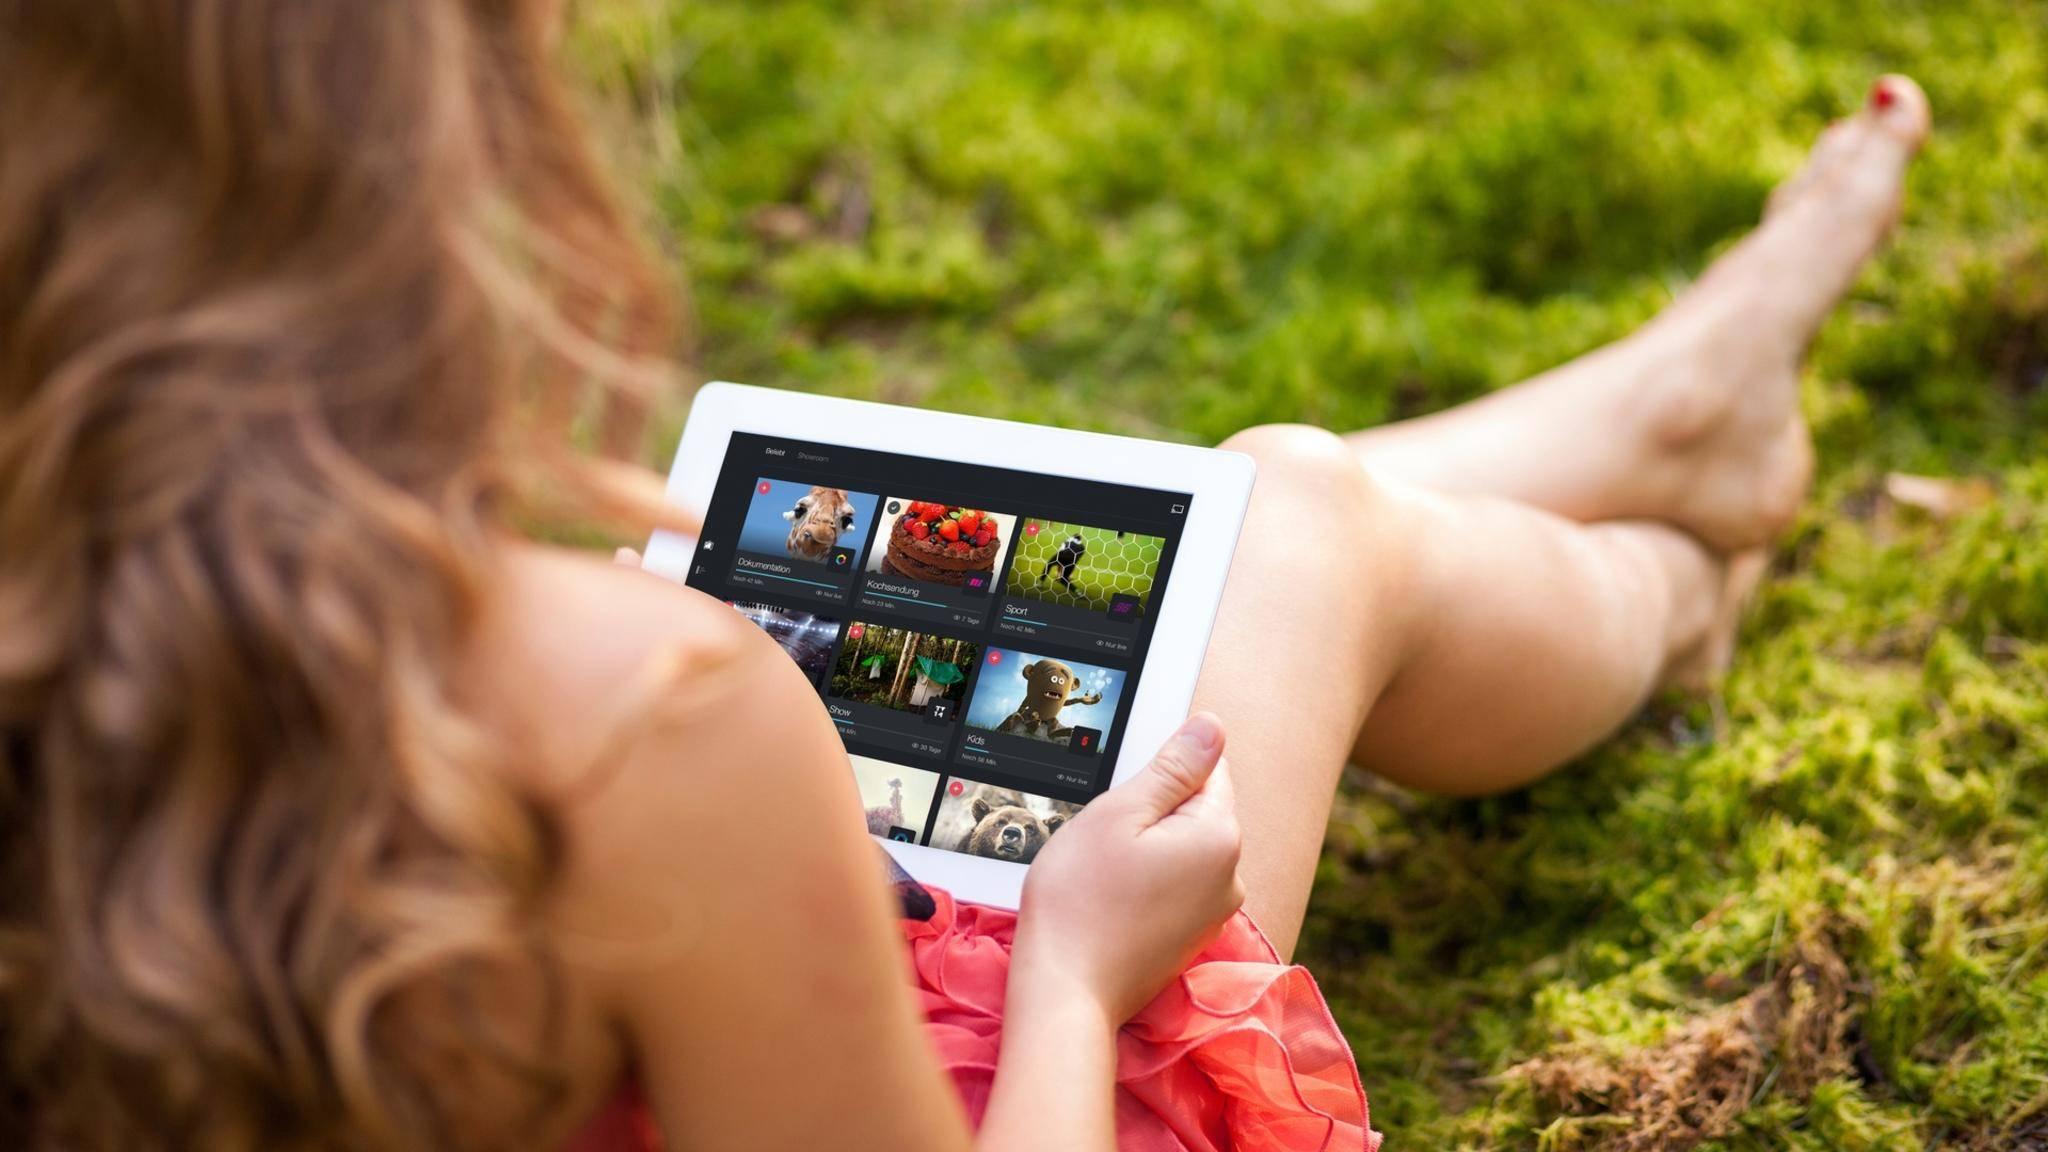 Online-Fernsehen ist kostenlos möglich. Wir zeigen Dir die besten Angebote.